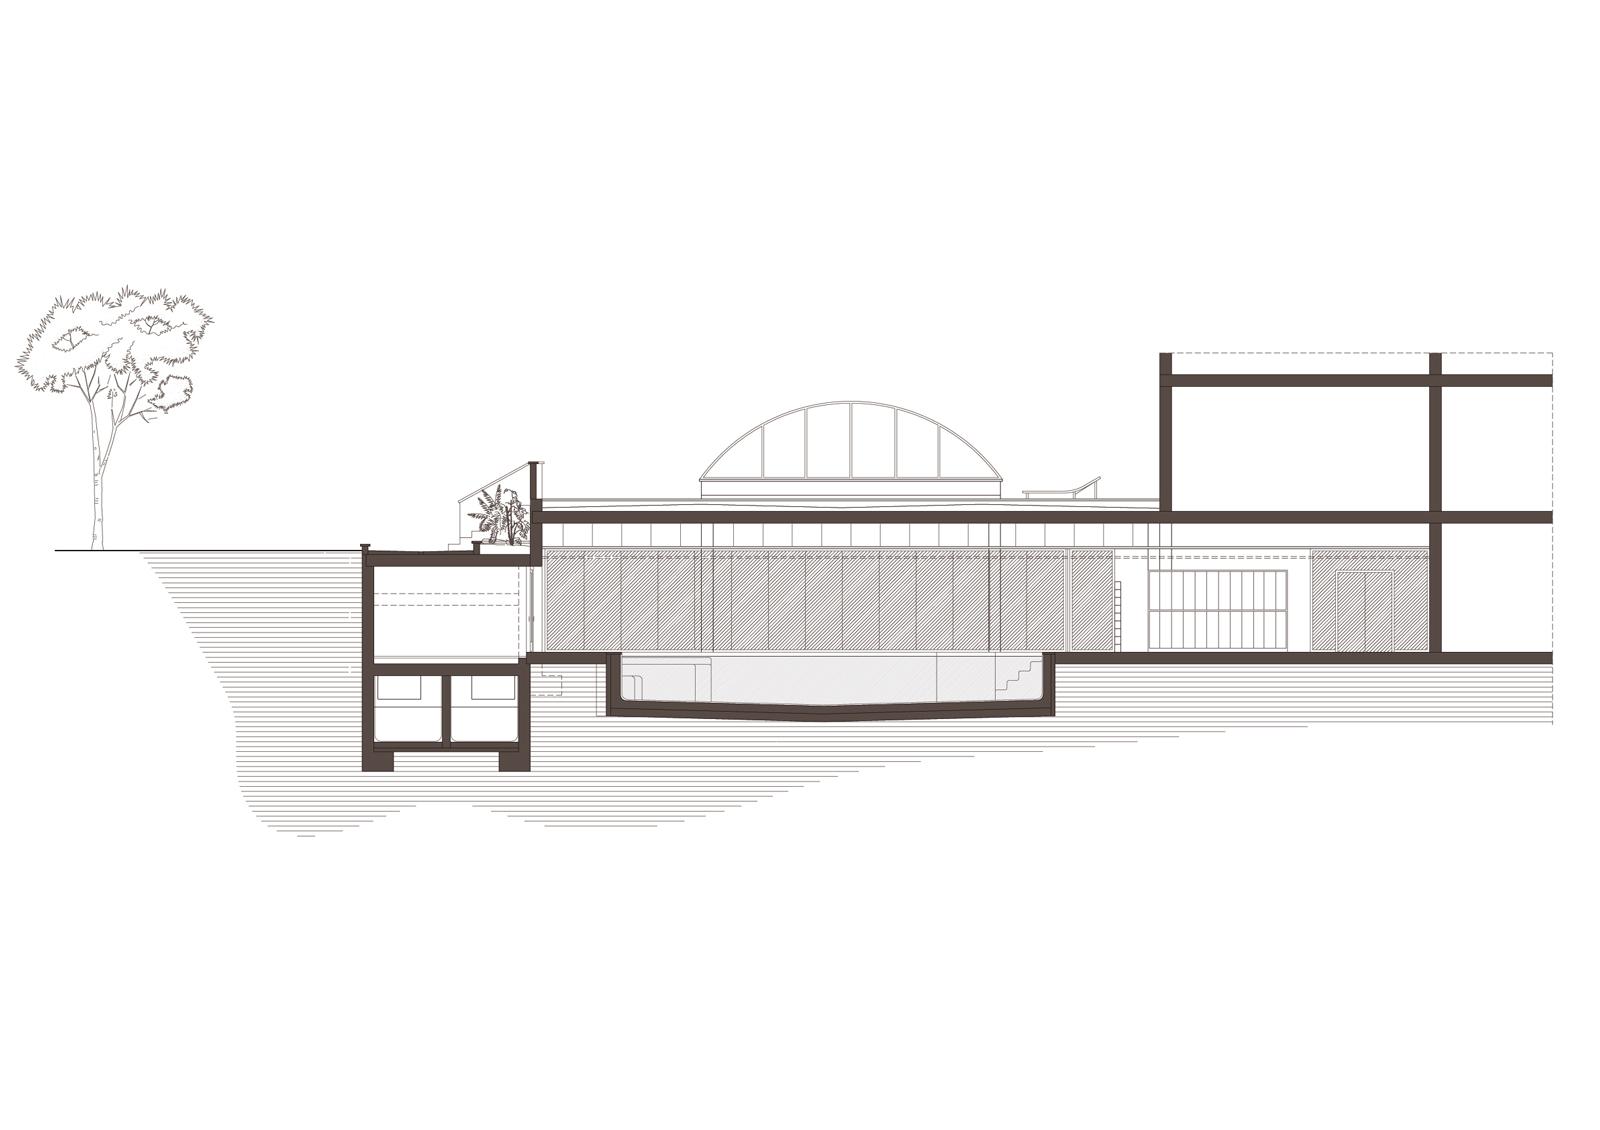 Secció transversal. Projecte de reforma i ampliació: 2016 - Formació de piscina i spa en reforma i ampliació Hotel Port Salou